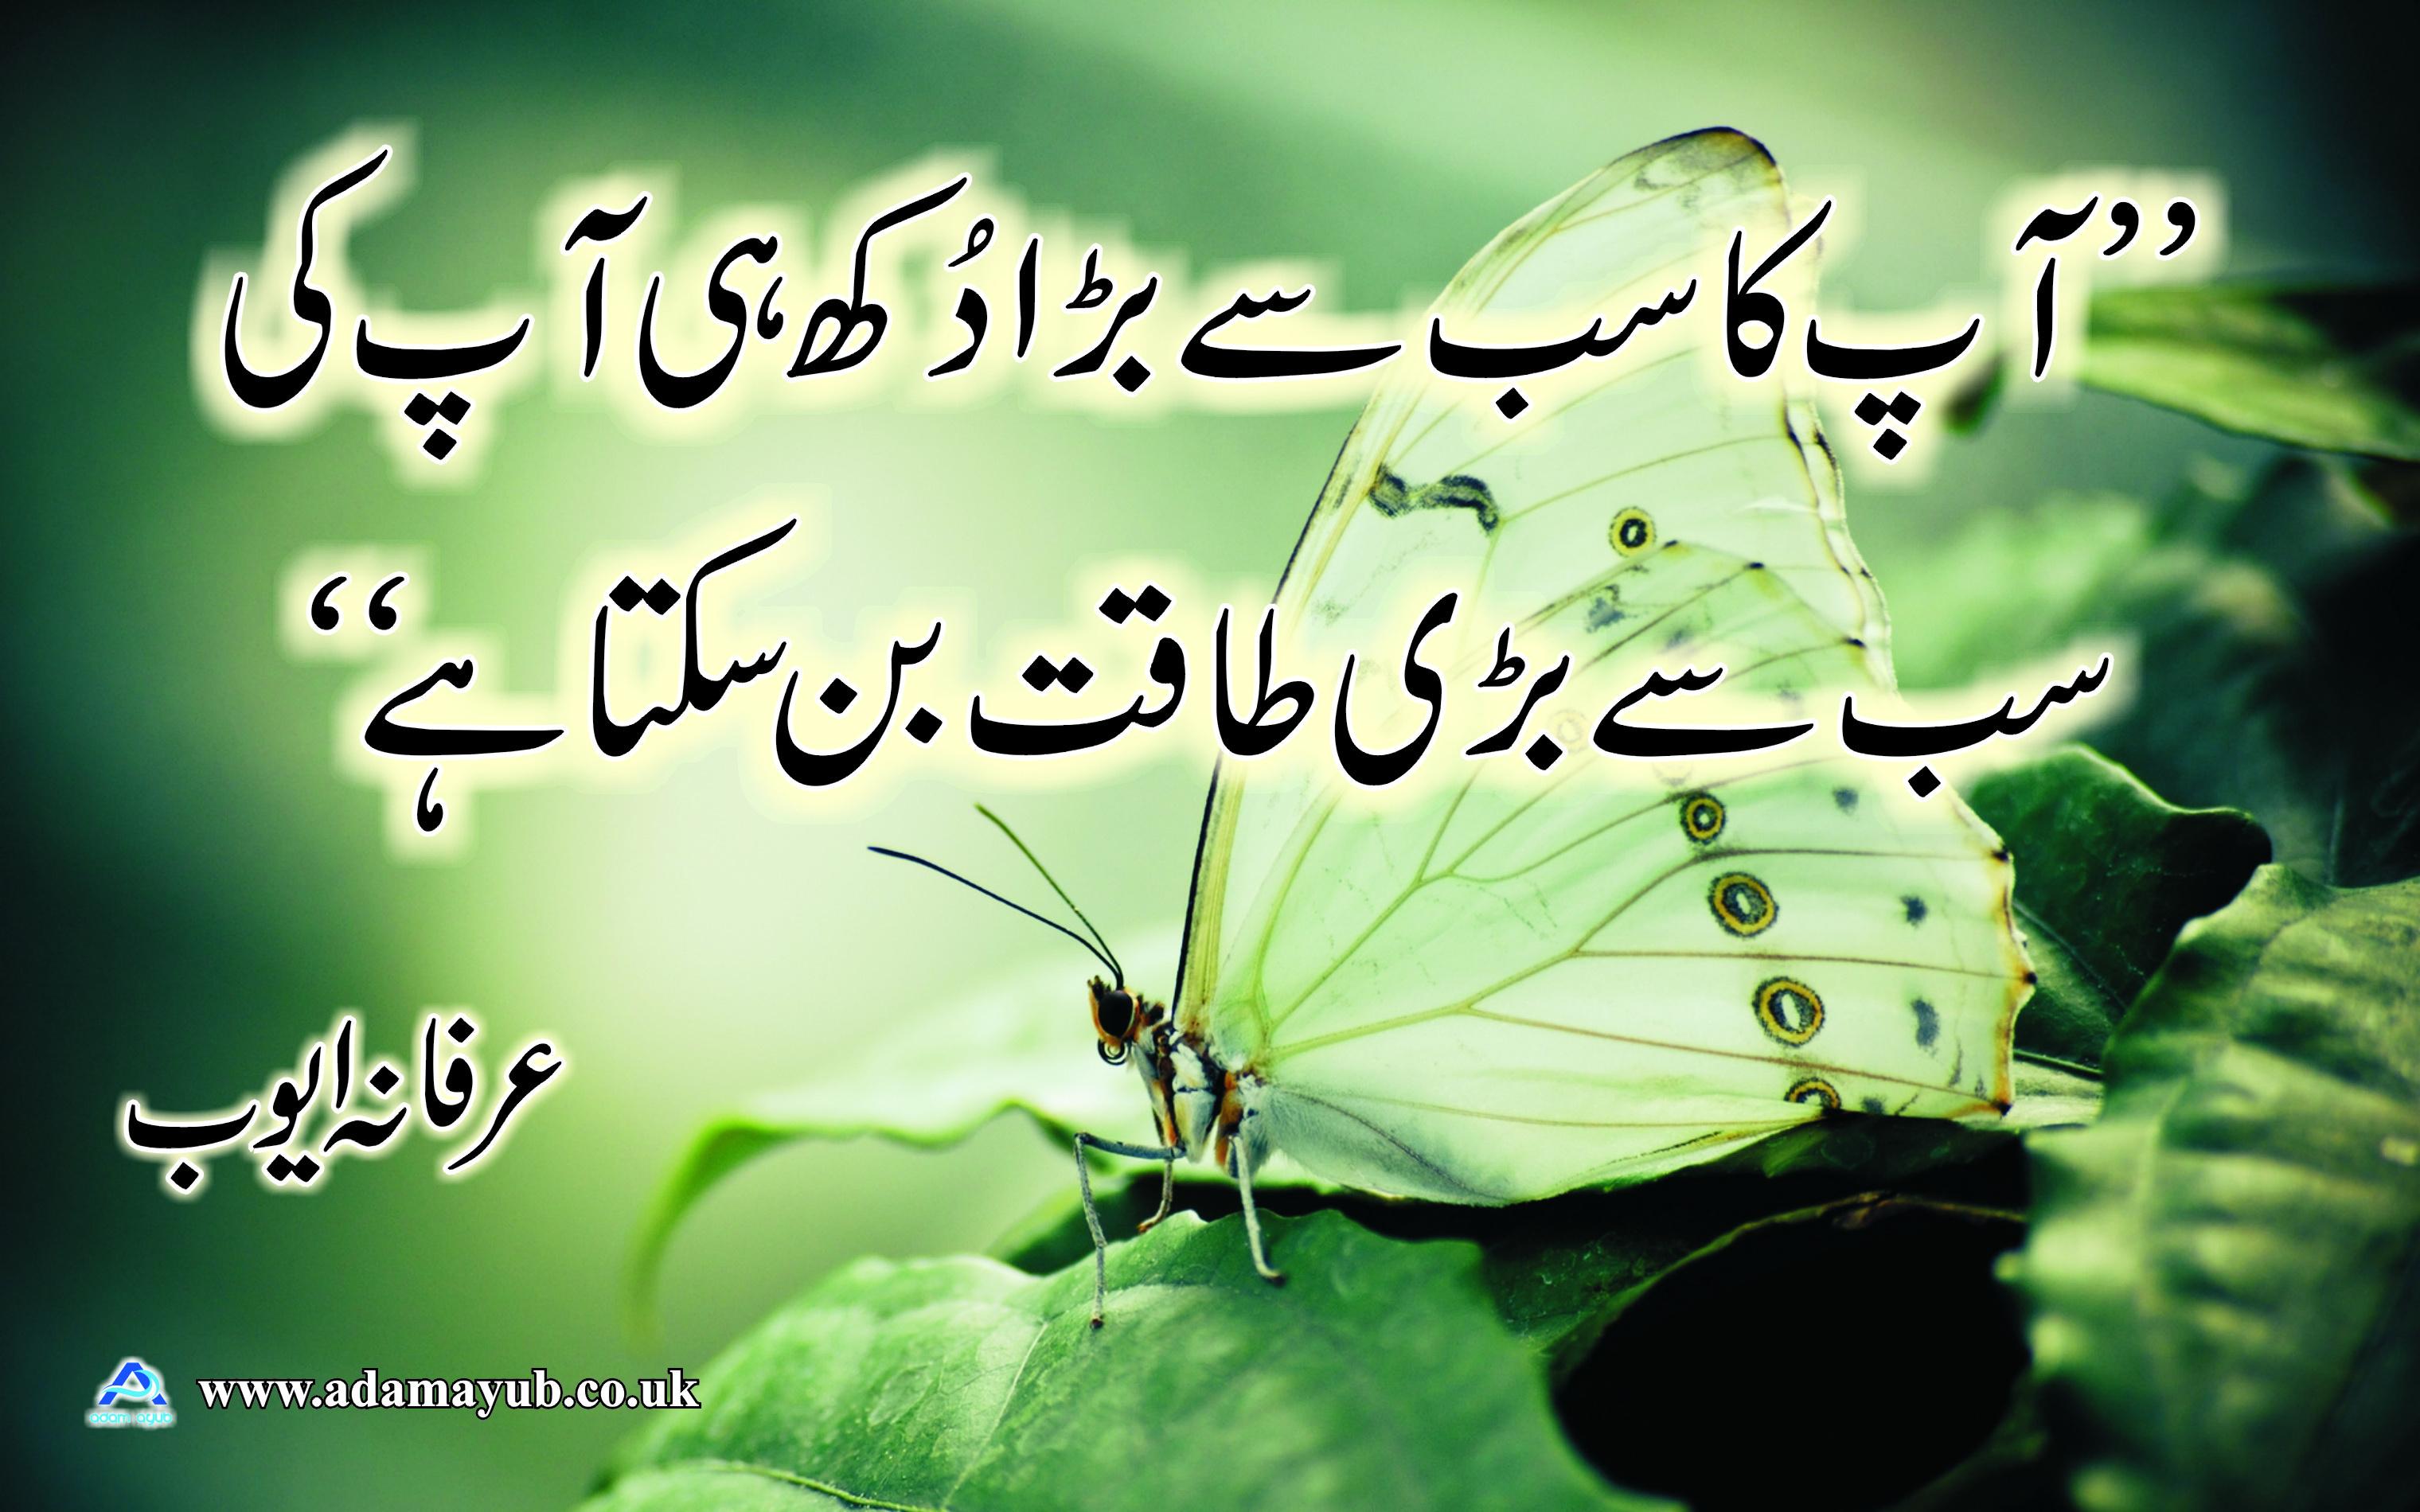 Original quote - Urdu 1